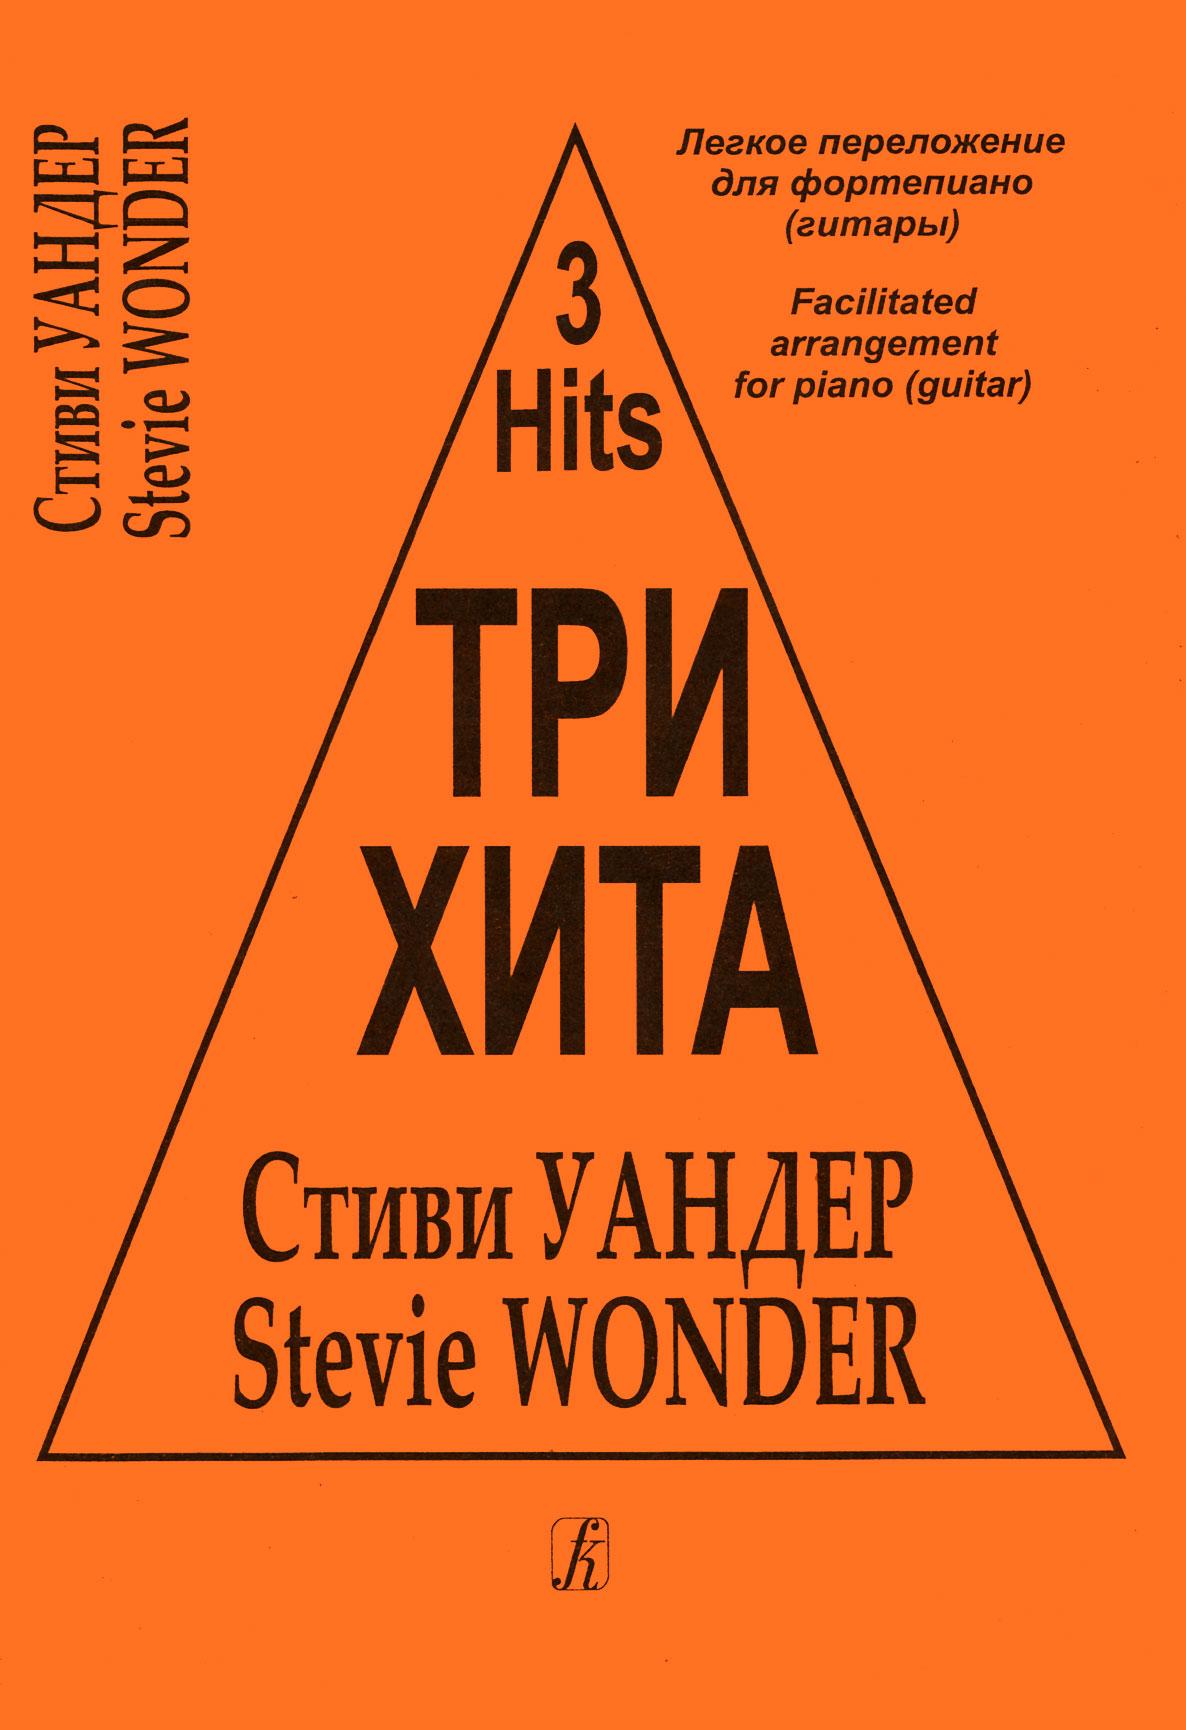 Стиви Уандер. Три хита. Легкое переложение для фортепиано (гитары)